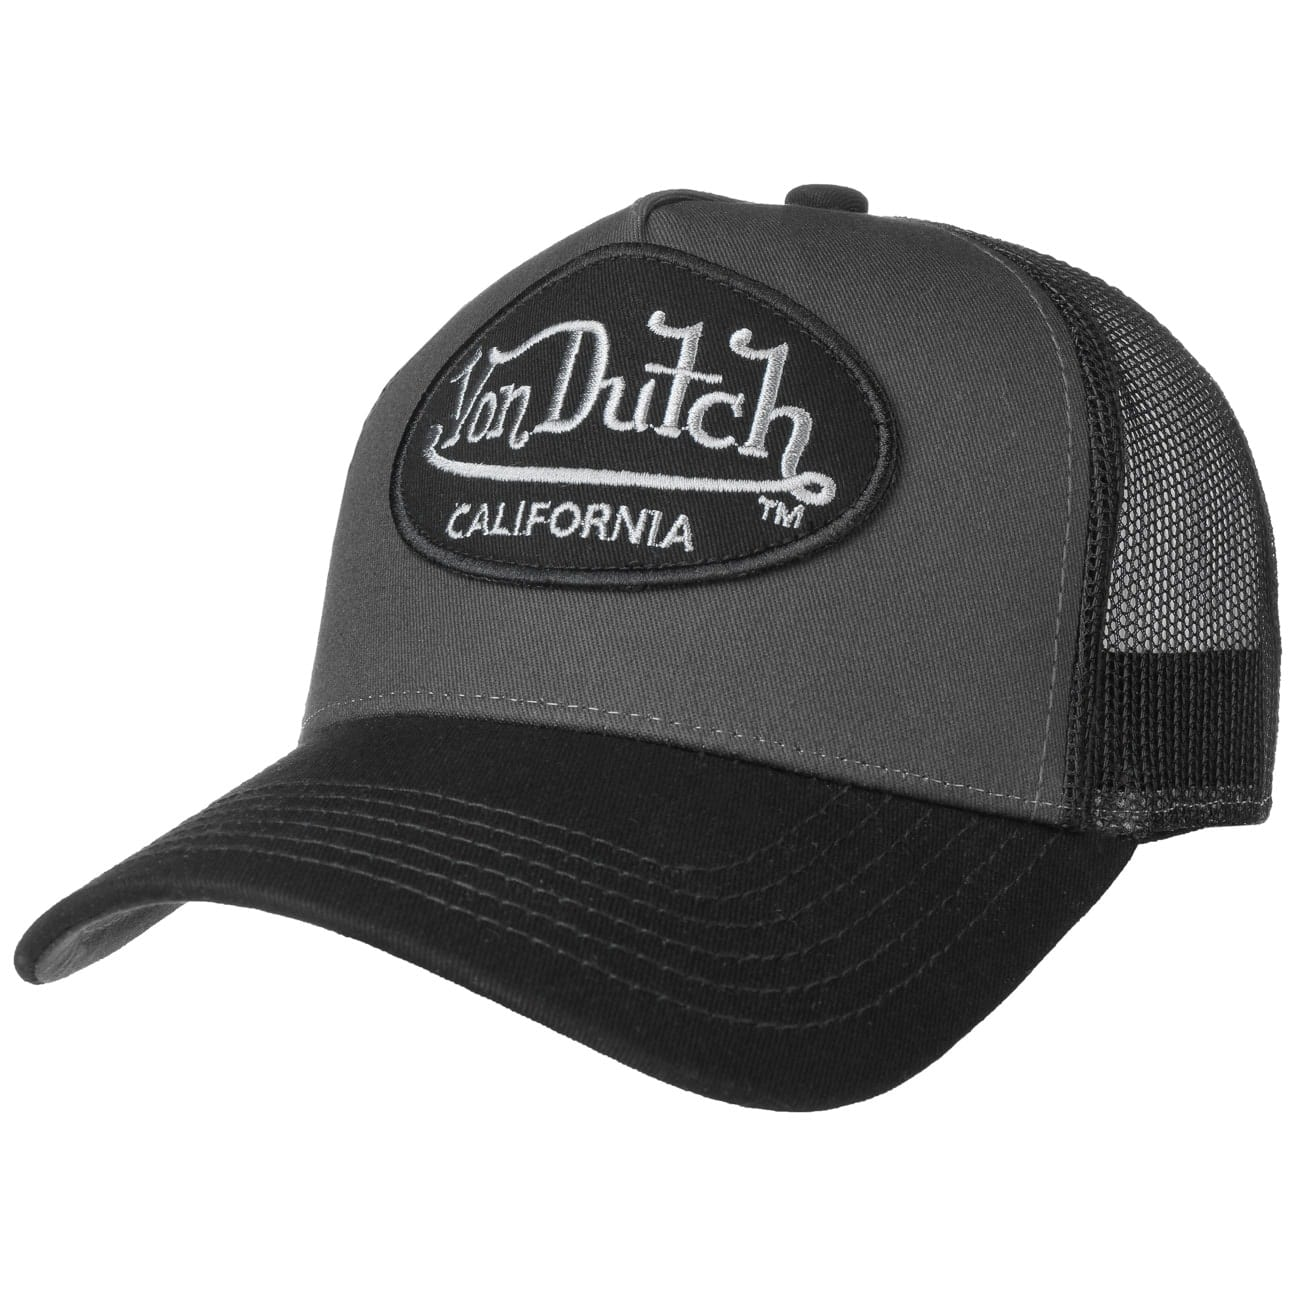 Gorra Trucker OG by Von Dutch